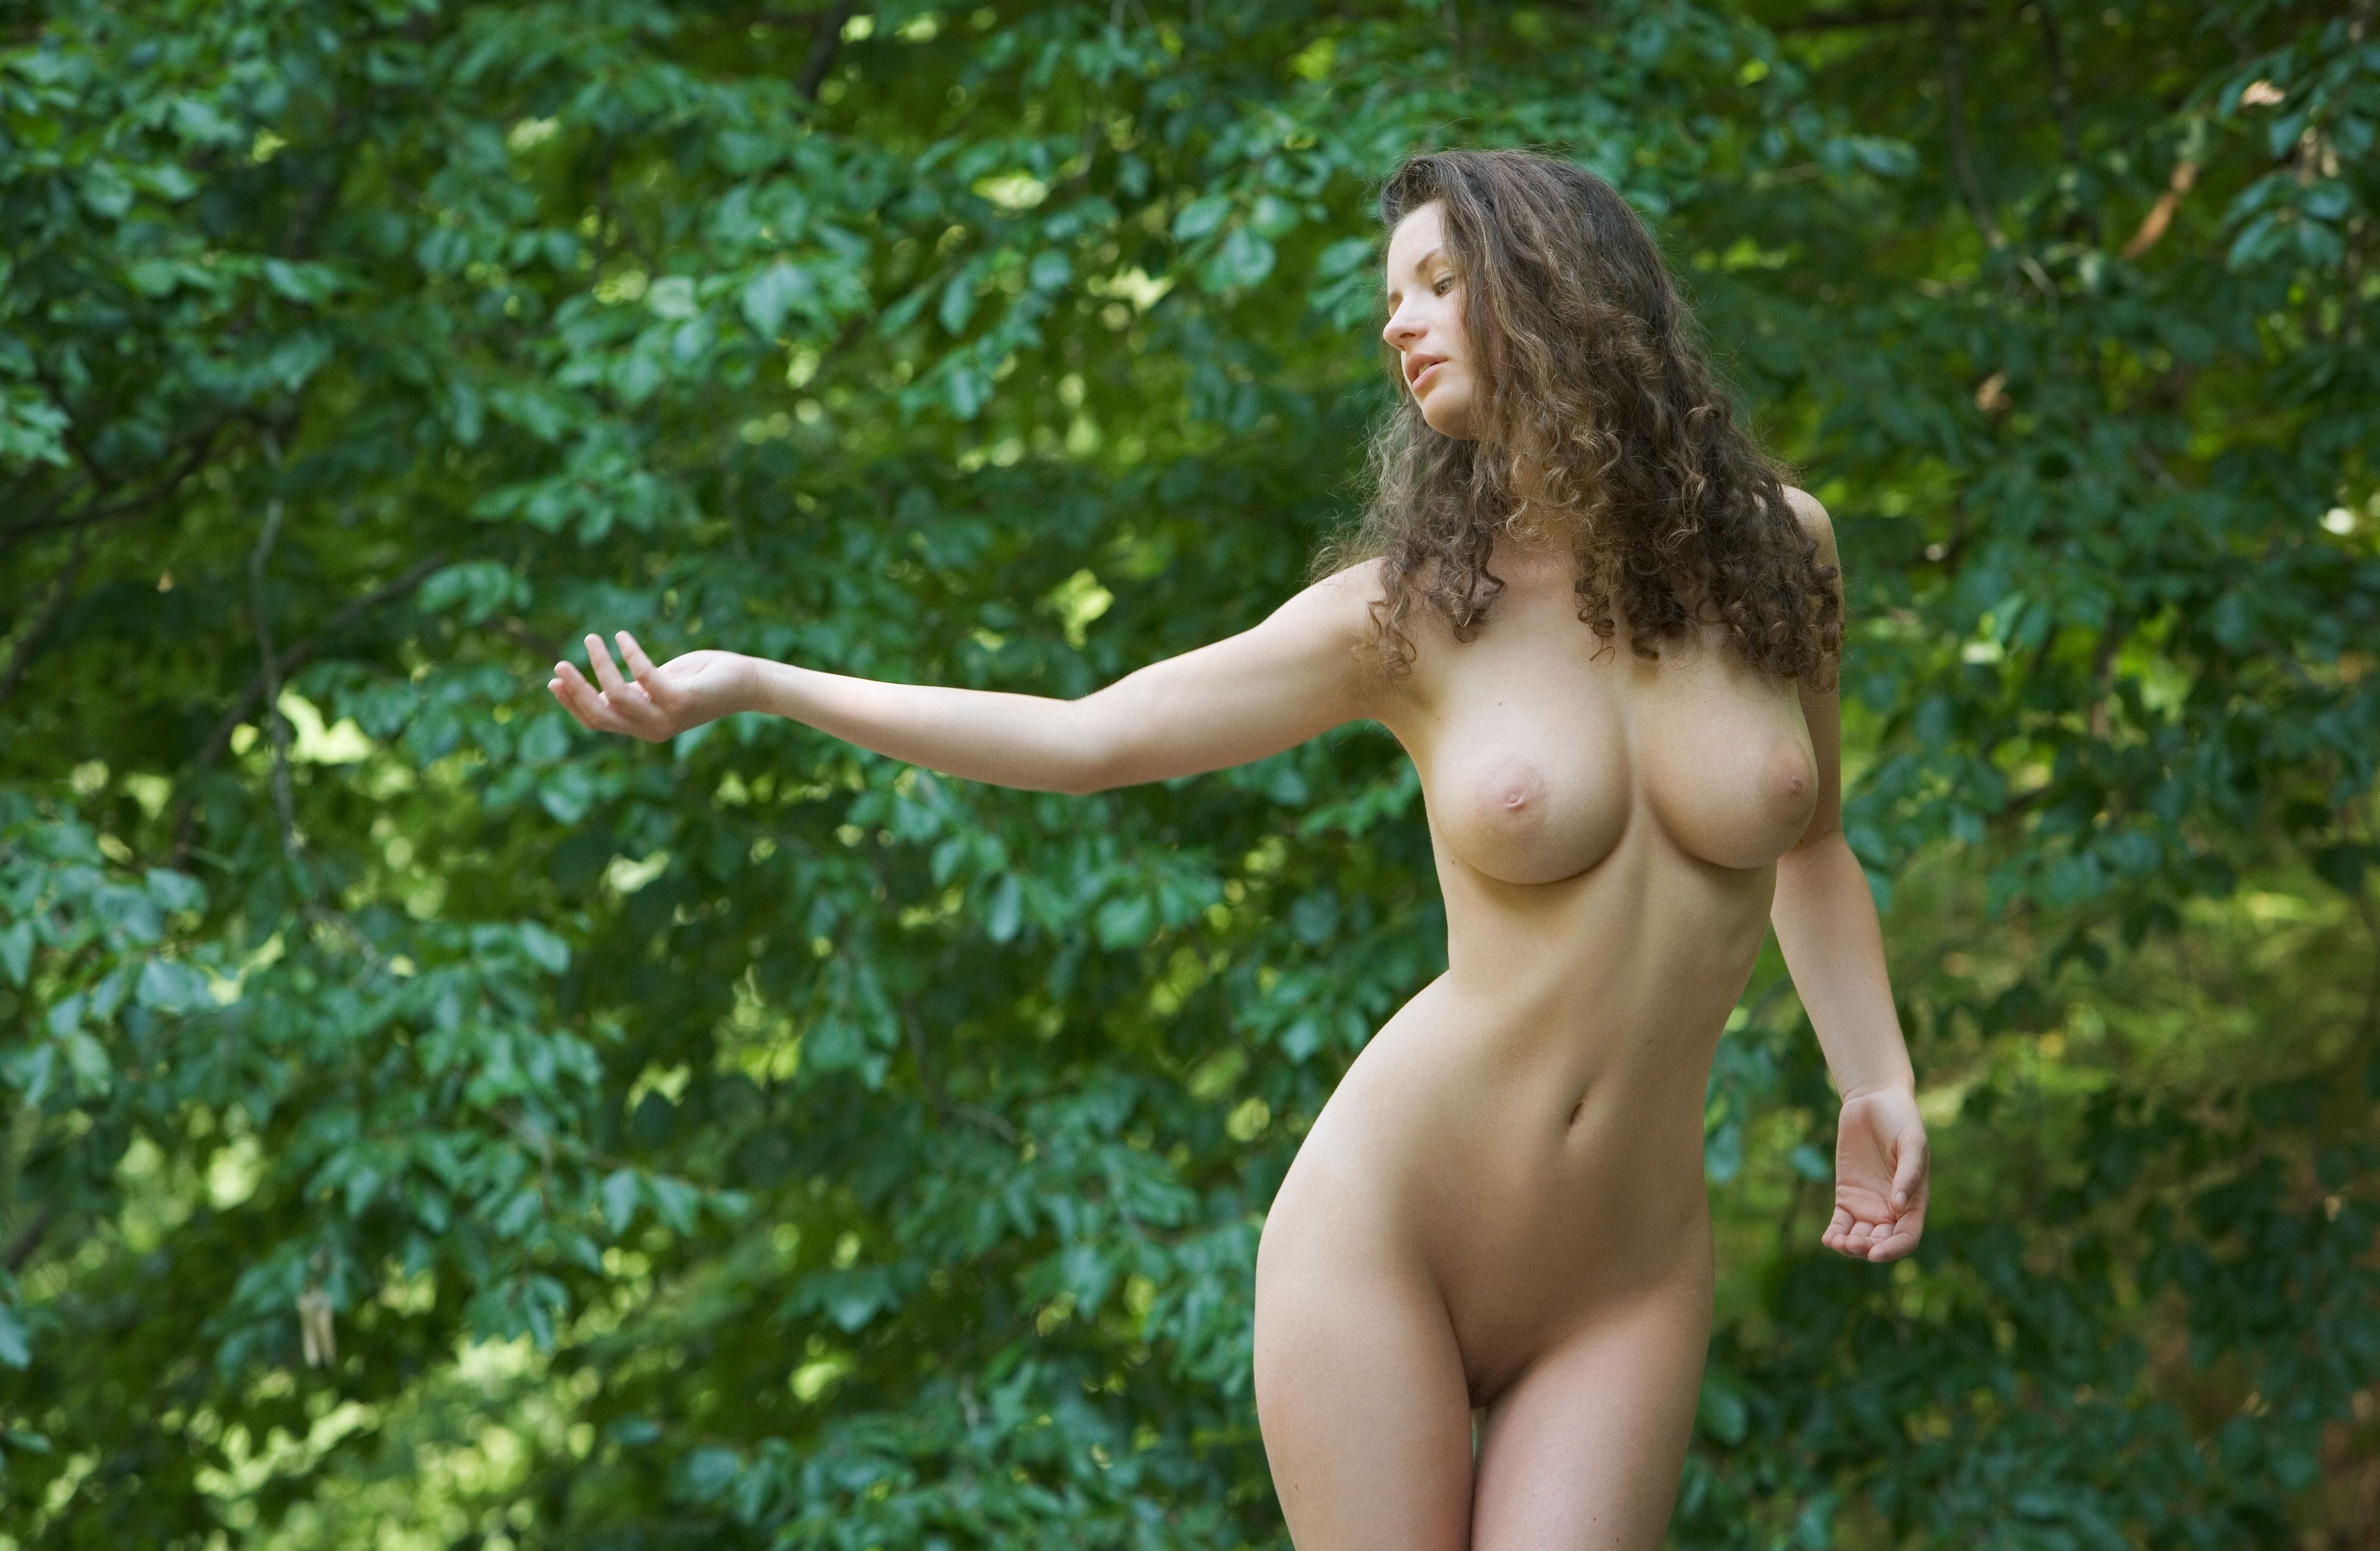 Смотреть бесплатно голые на природе 15 фотография